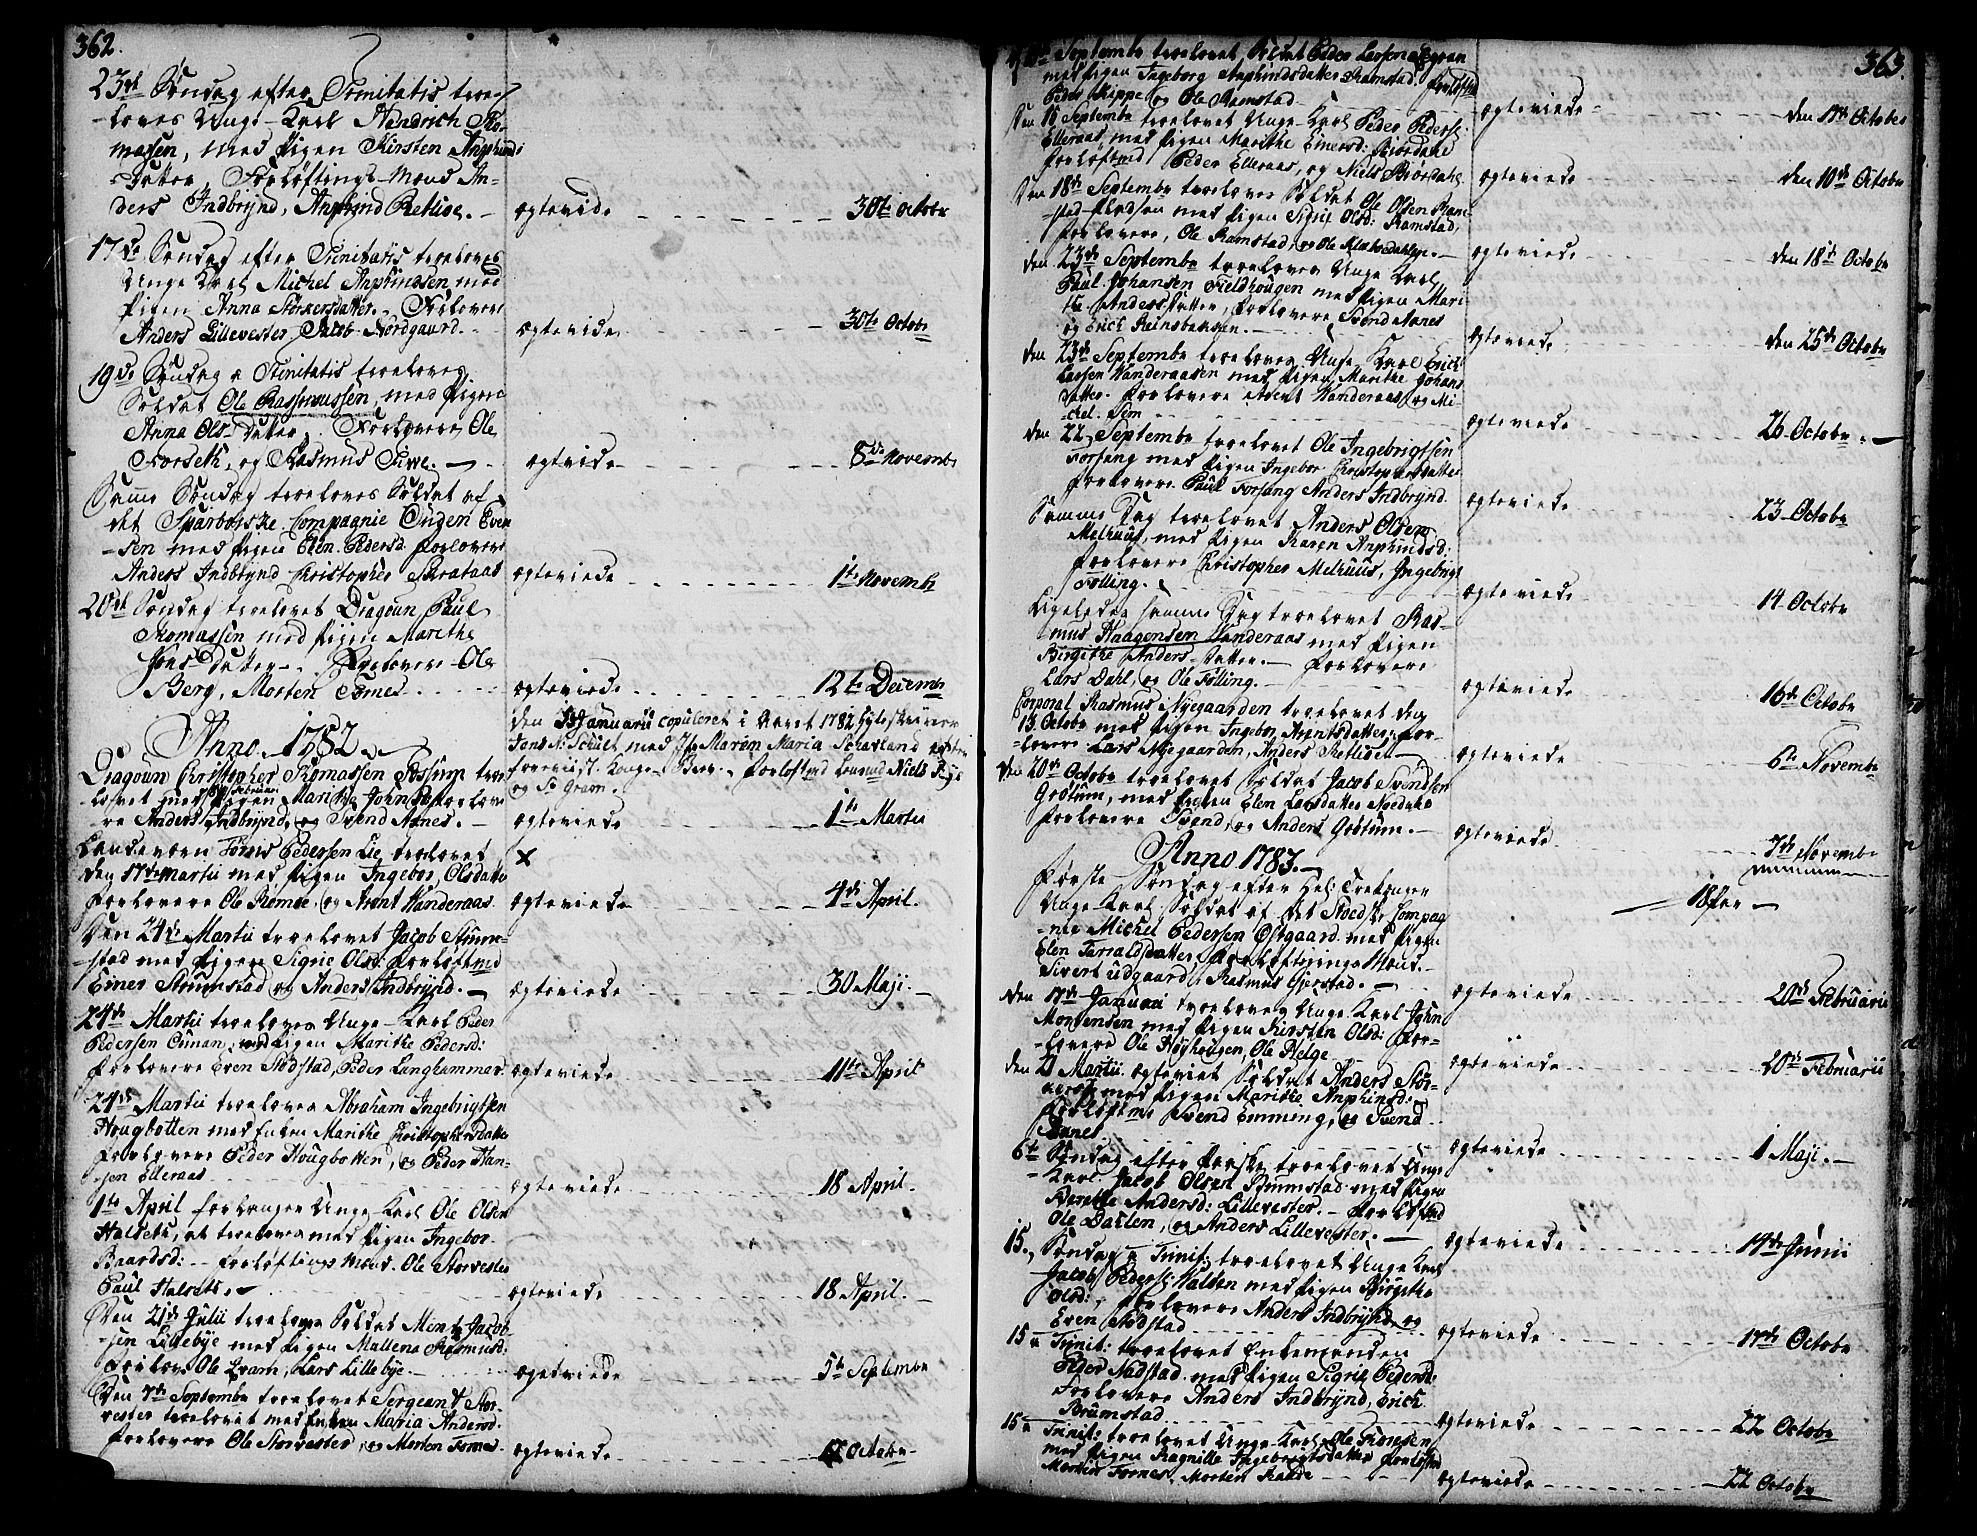 SAT, Ministerialprotokoller, klokkerbøker og fødselsregistre - Nord-Trøndelag, 746/L0440: Ministerialbok nr. 746A02, 1760-1815, s. 362-363